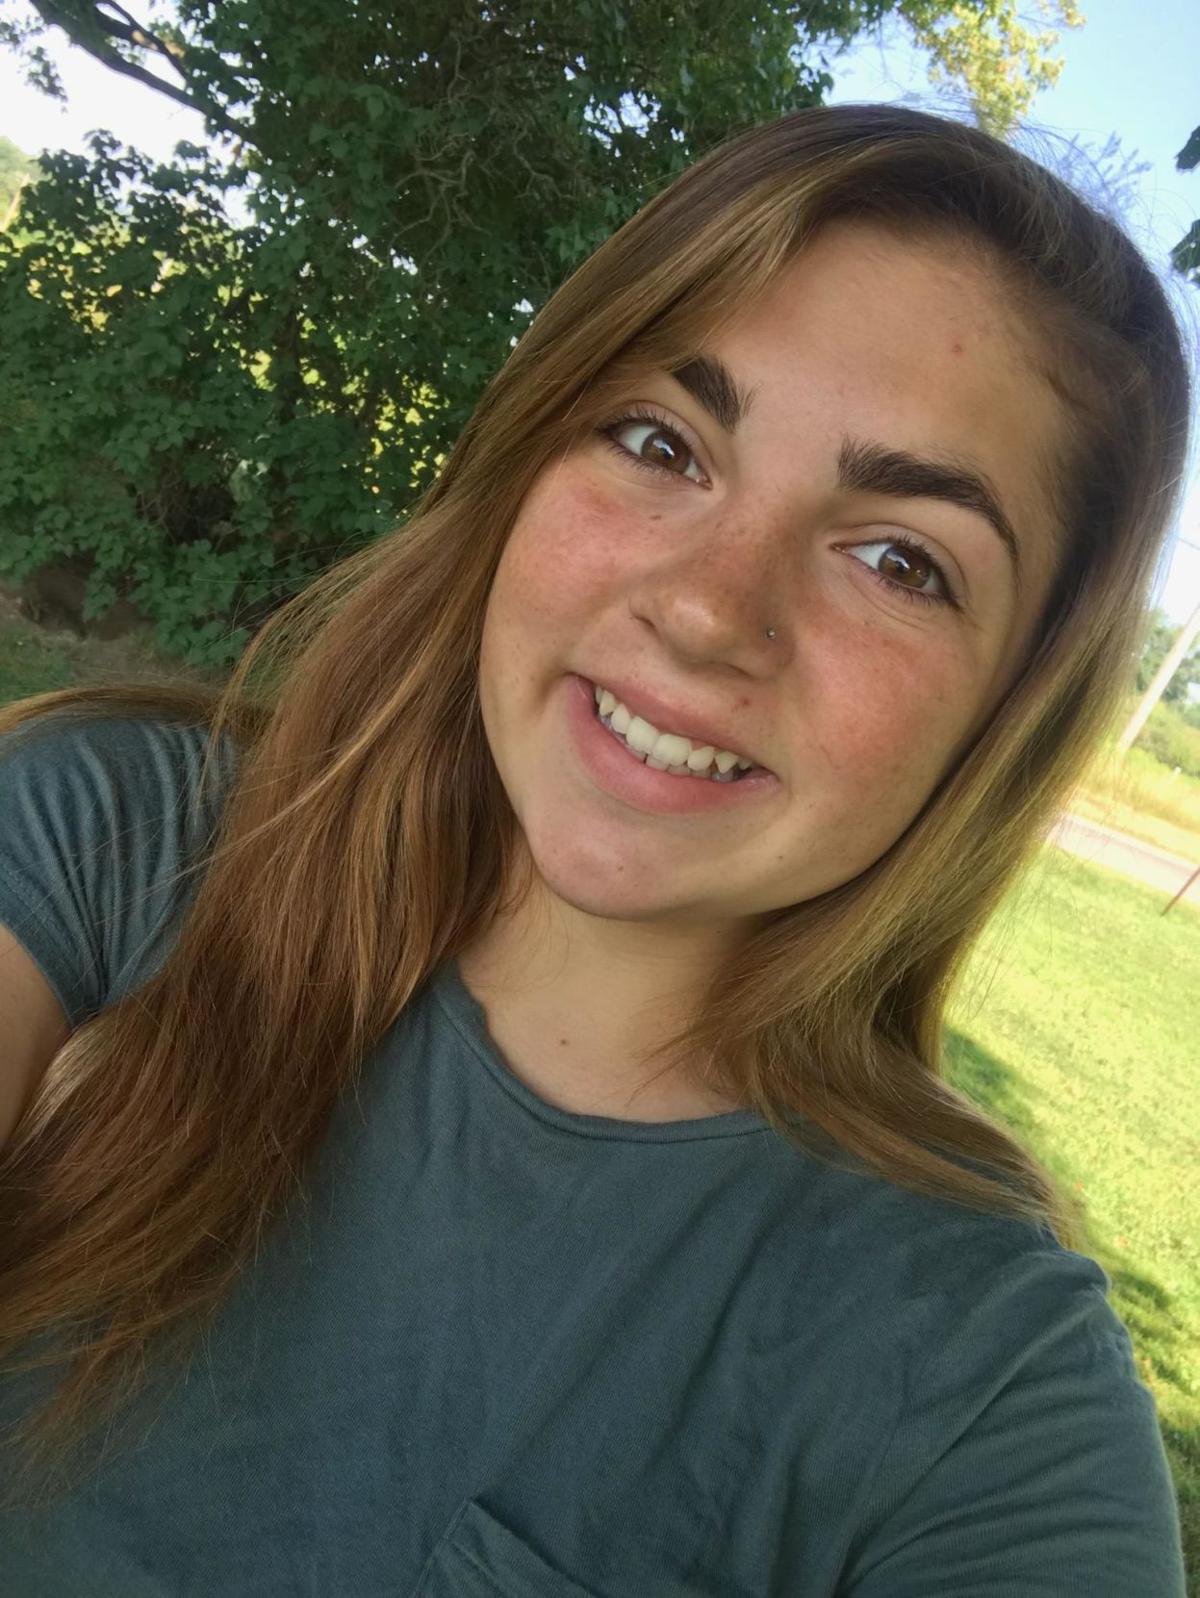 Paige Riley Verbanac